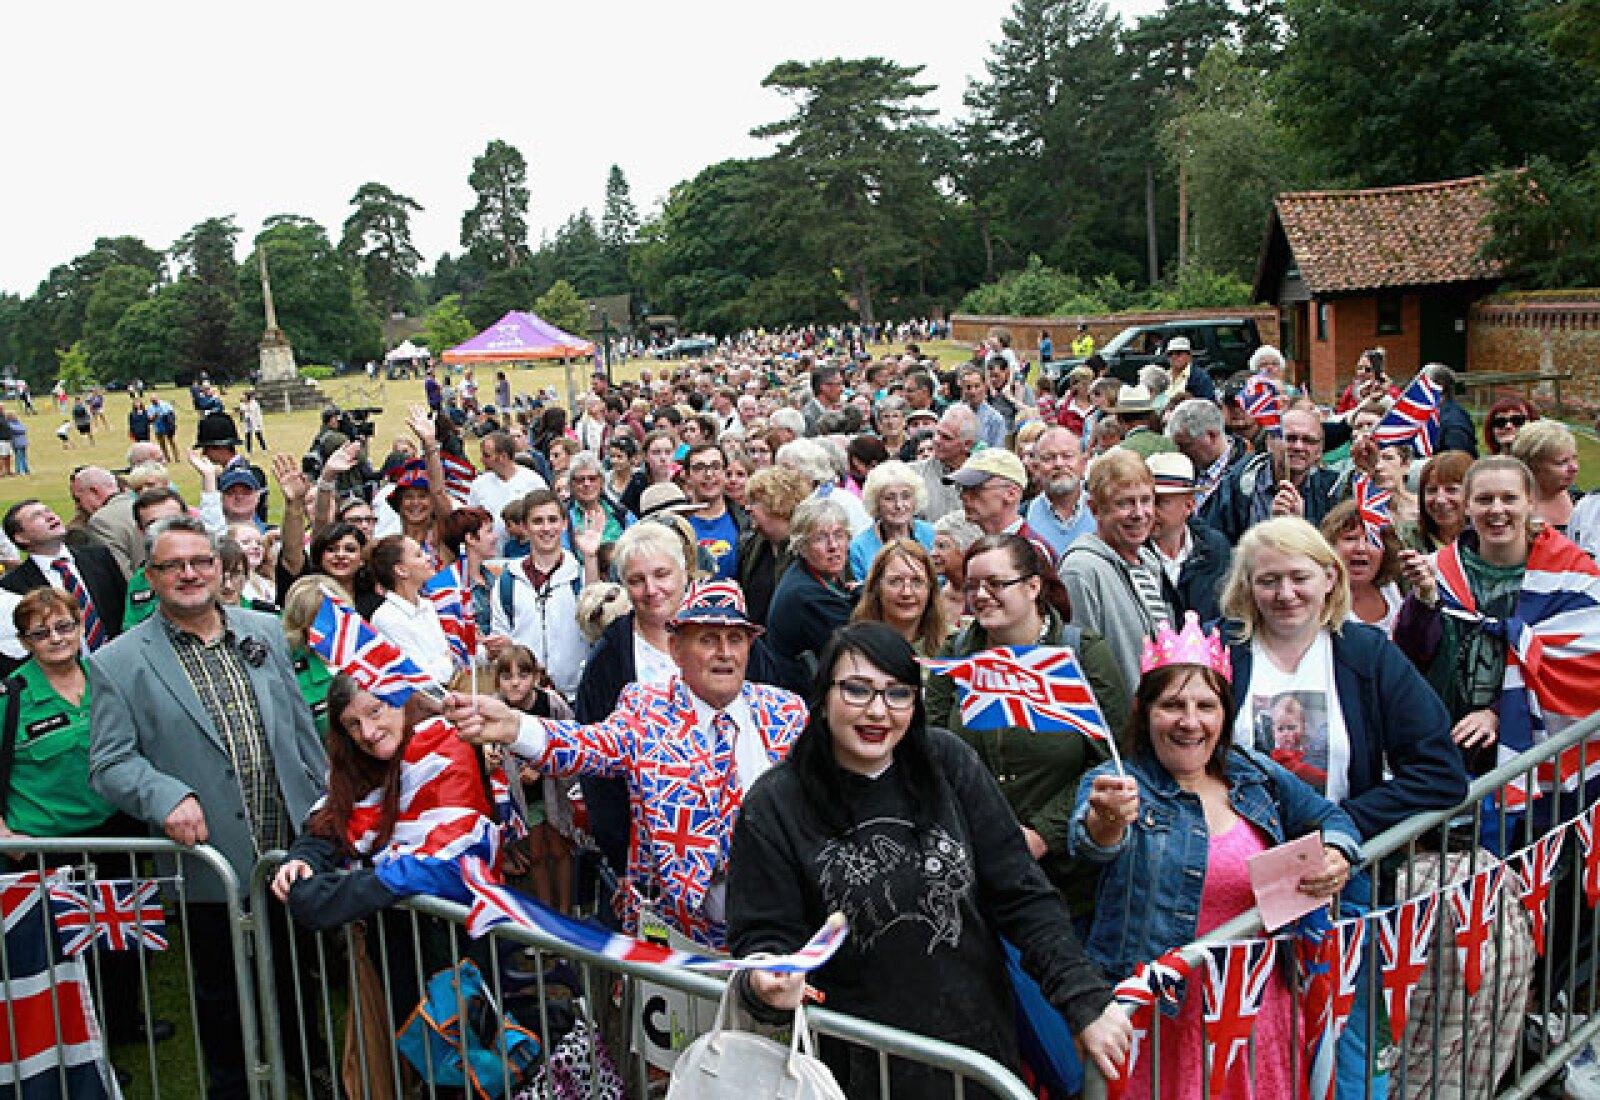 Cientos de personas se reunieron afuera de la iglesia para acompañar a la princesa en este gran día.